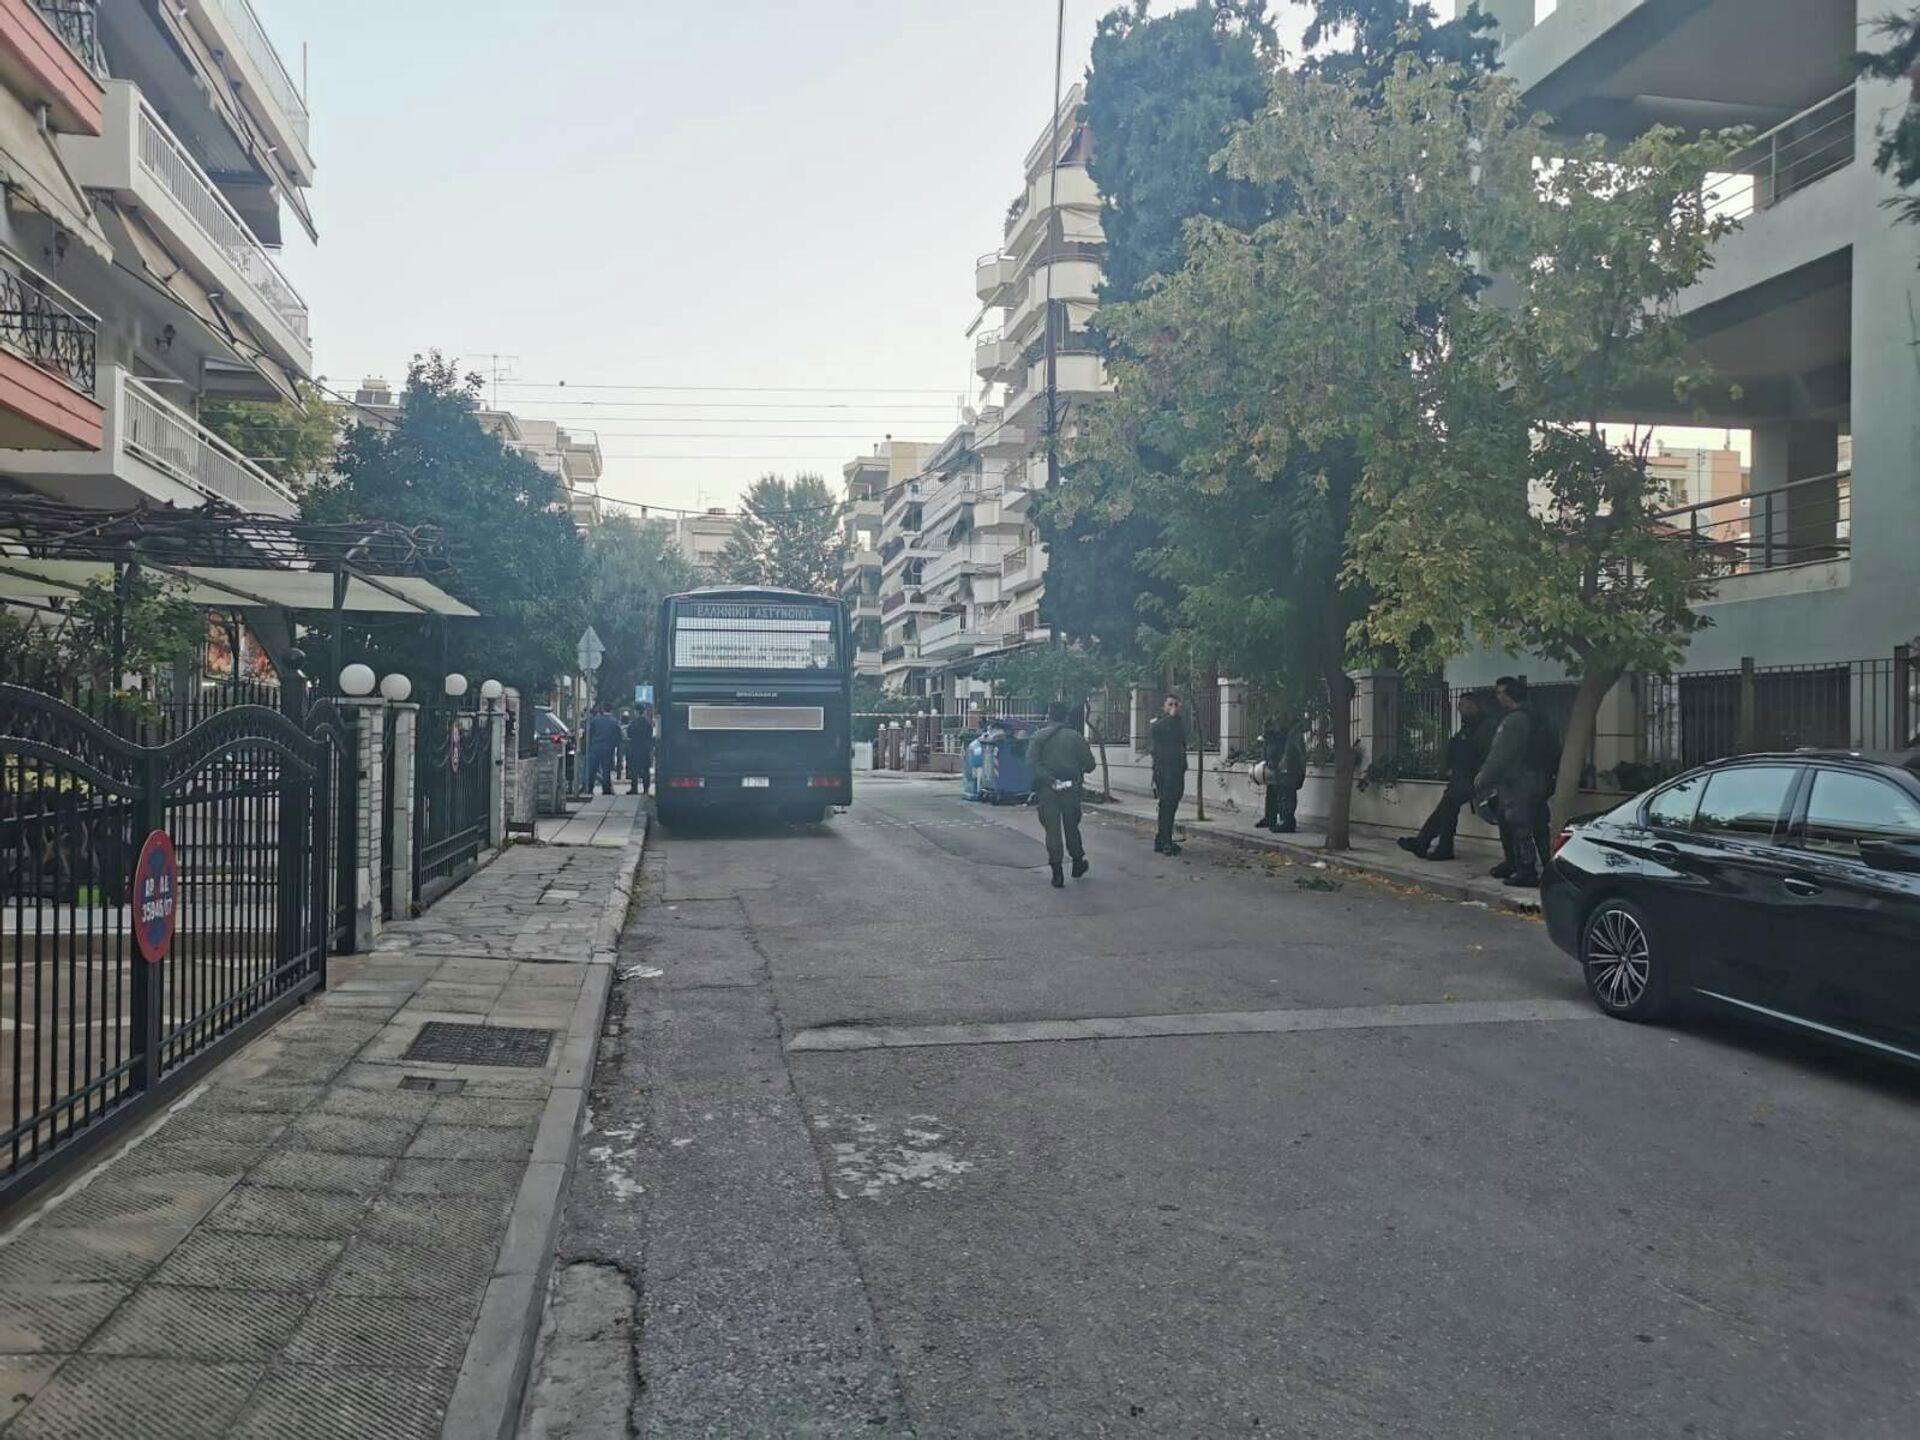 Σε αστυνομικό κλοιό το ΕΠΑΛ Σταυρούπολης - Sputnik Ελλάδα, 1920, 04.10.2021